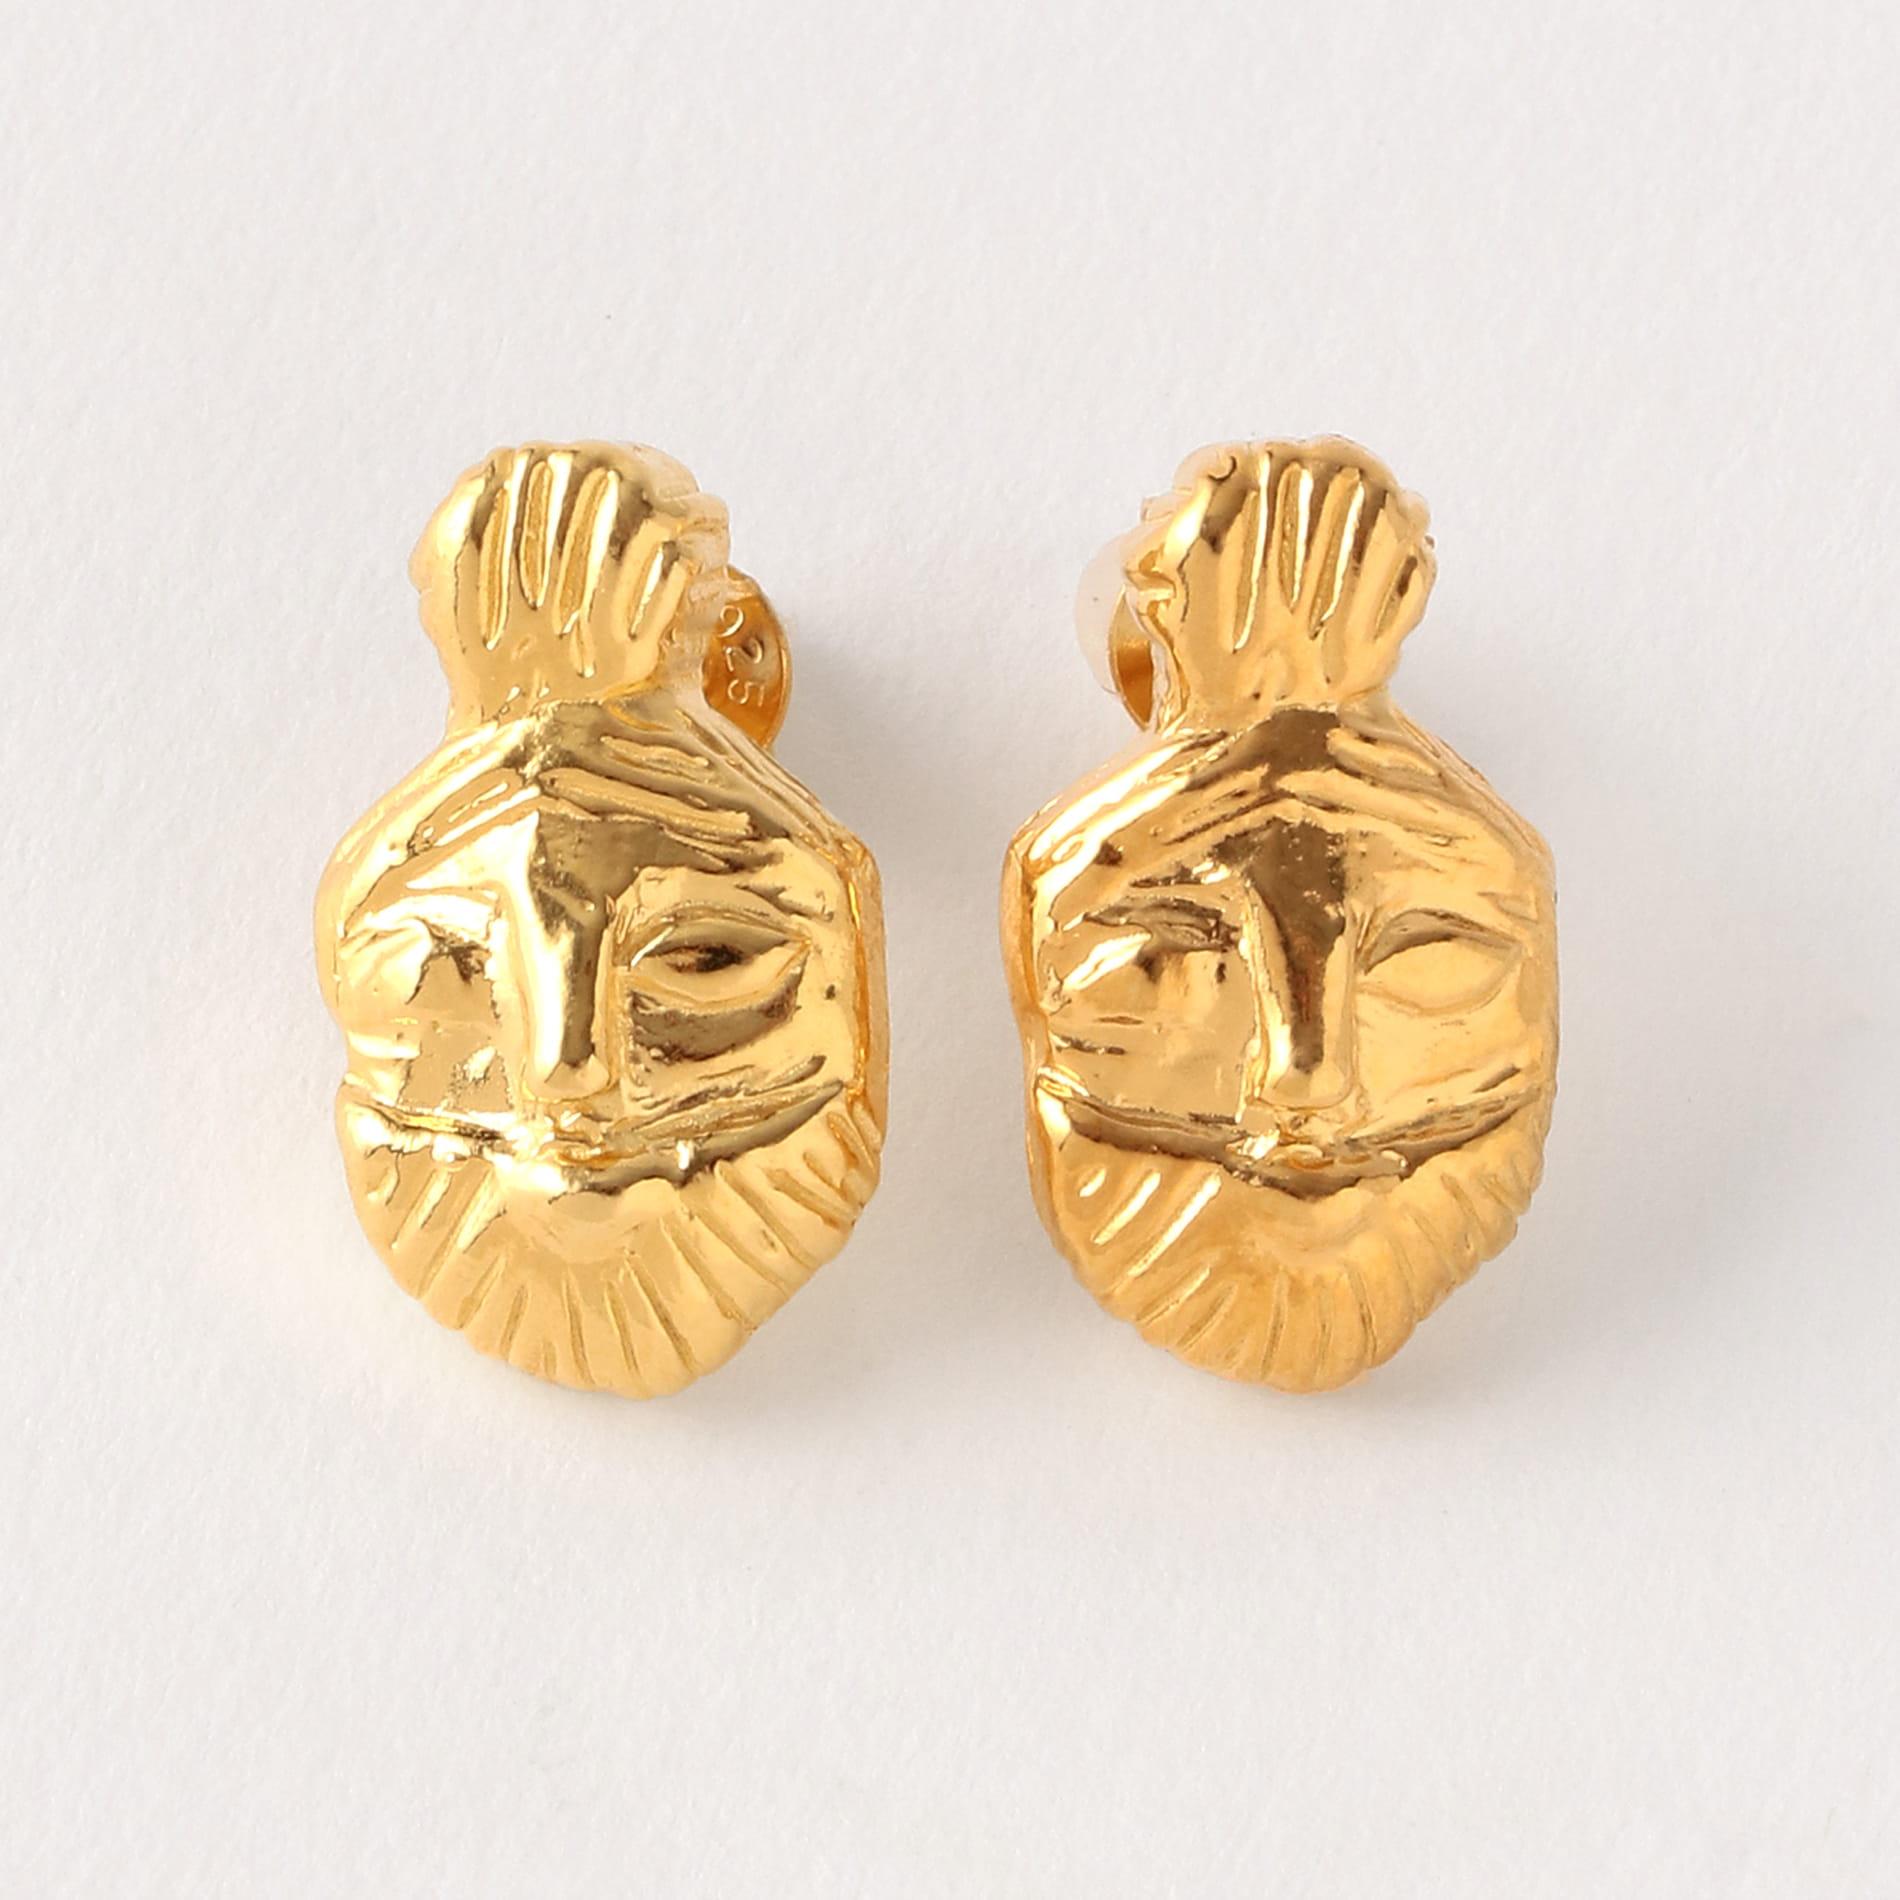 【LUCY FOLK】WOMEN ピアス Bes Stud Earrings yellow gold palate JWLEAR-4145-100